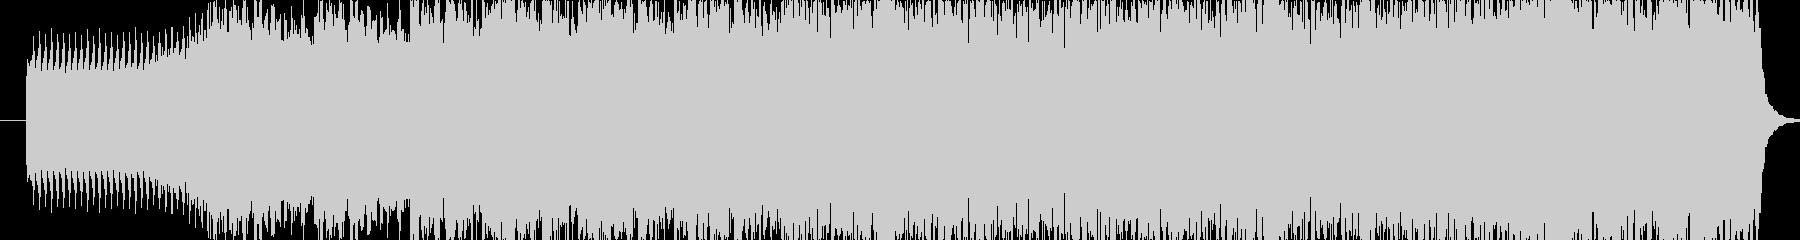 オーケストラによるダークなサウンドの未再生の波形